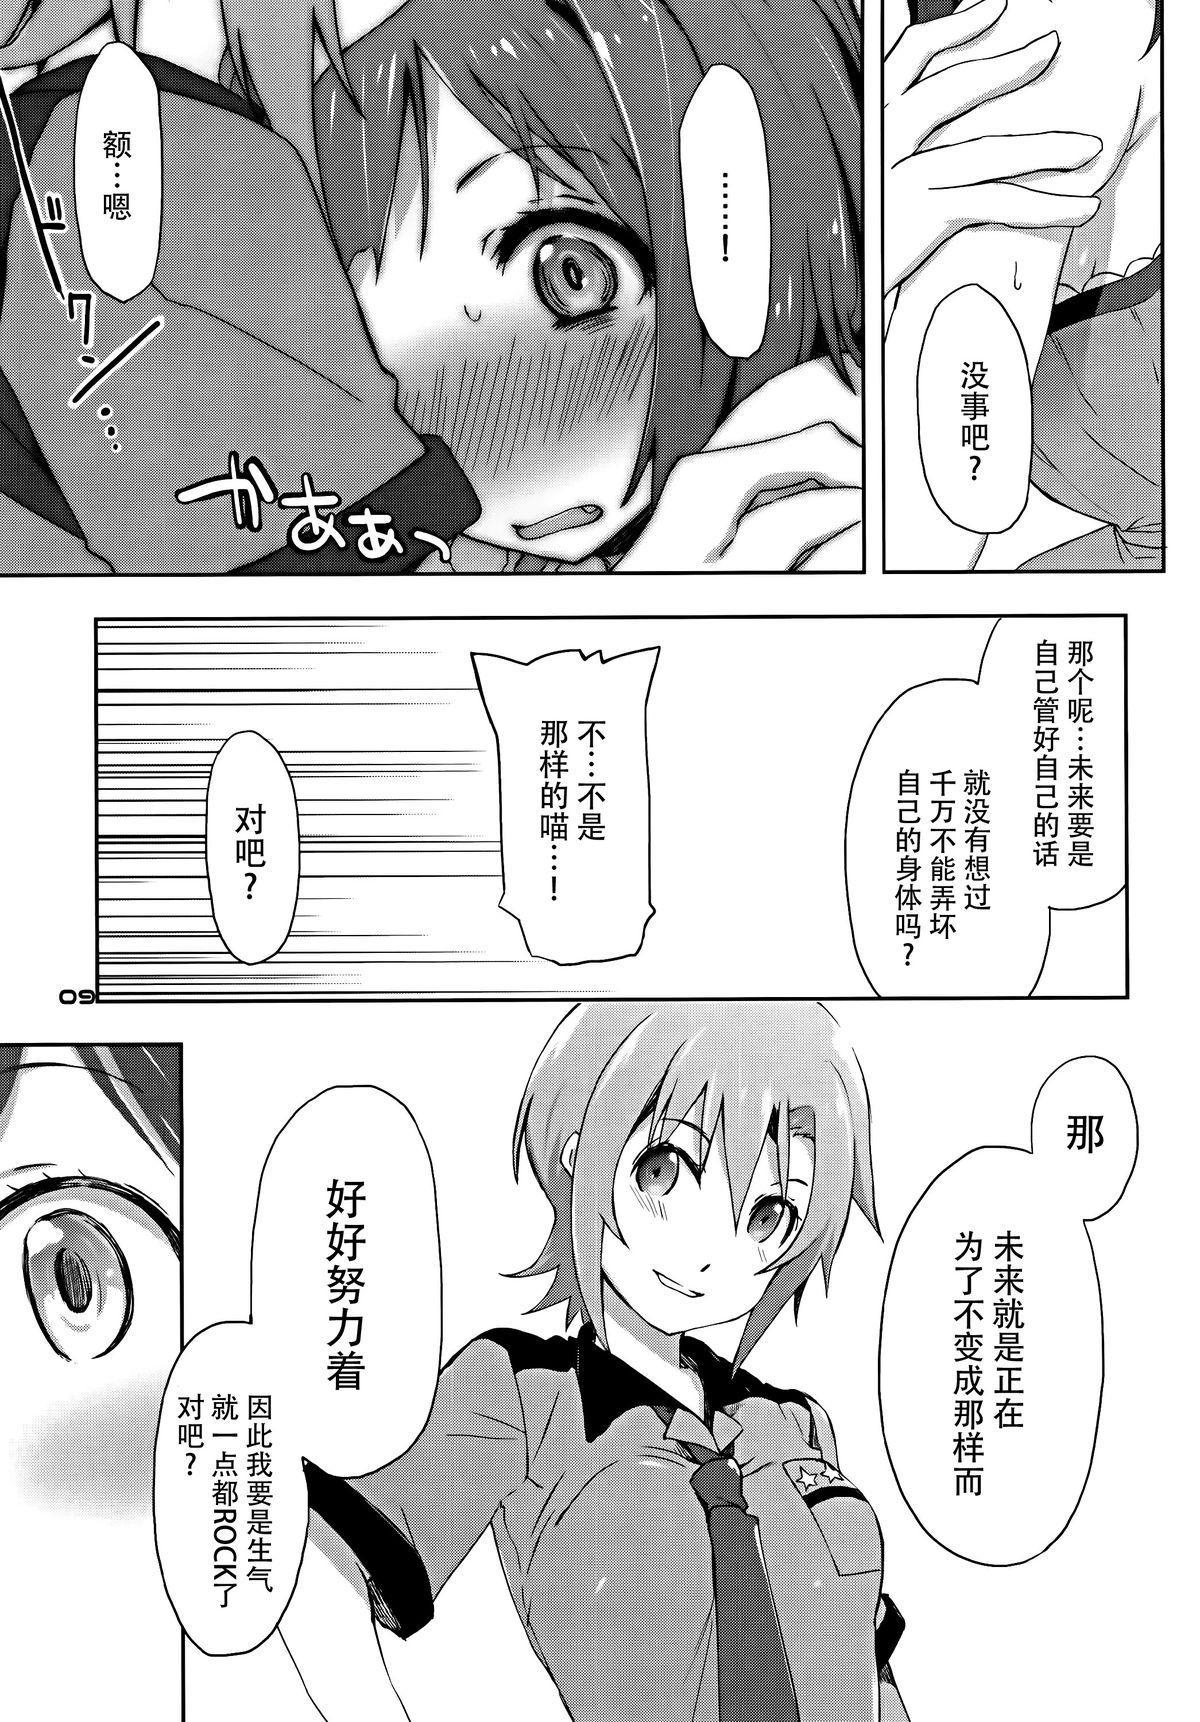 2269 Misoshiru Hen 6